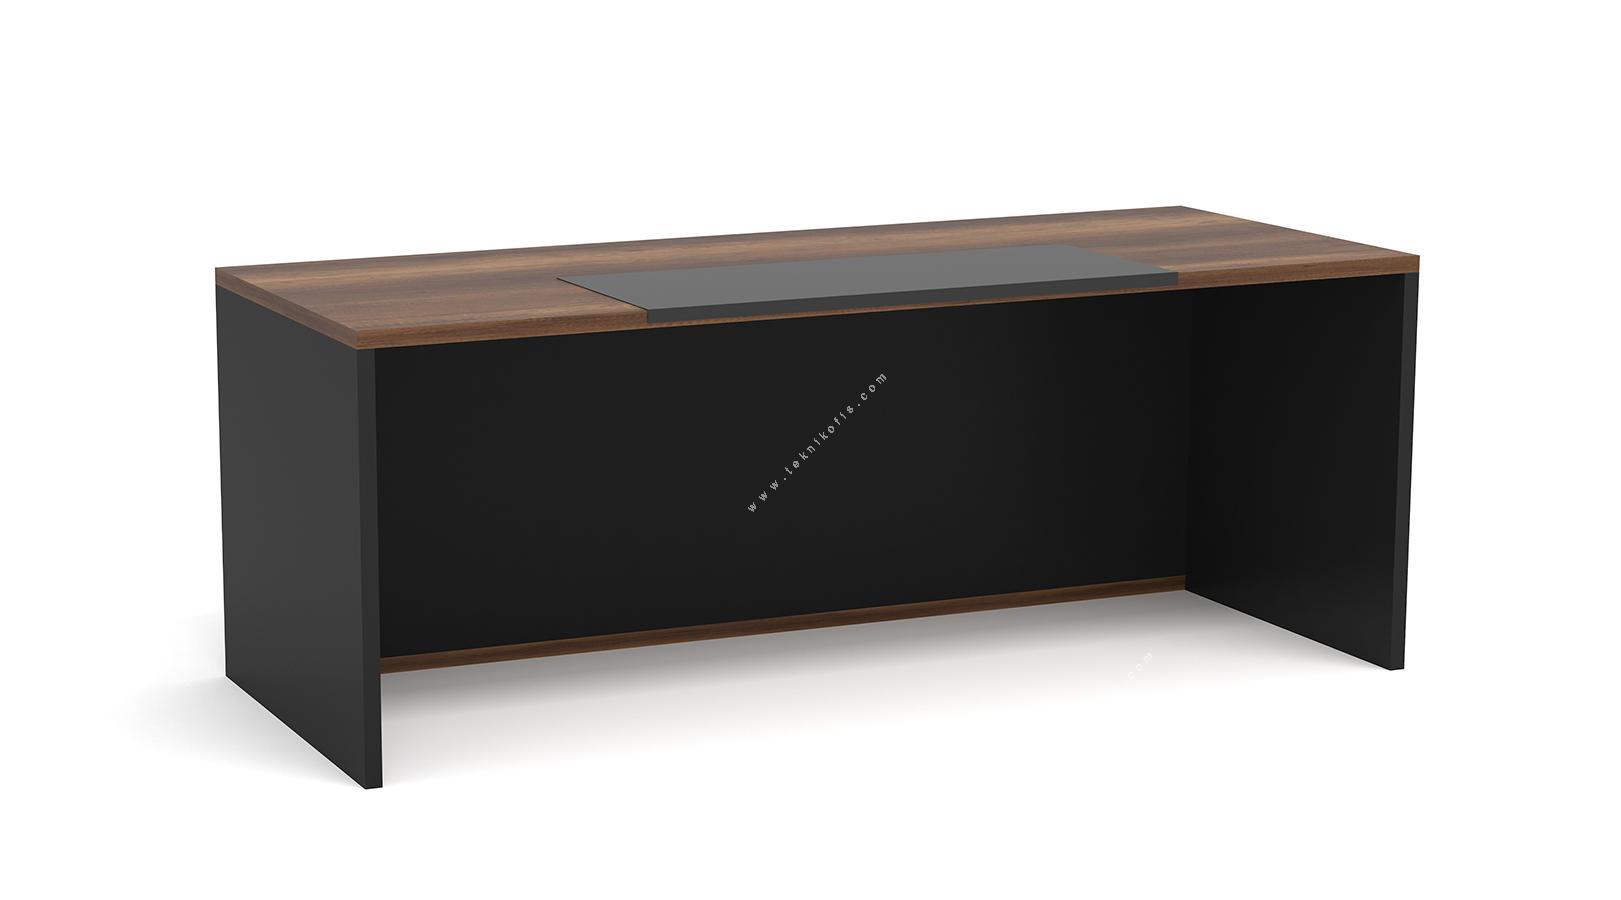 gret yönetici masası 200cm